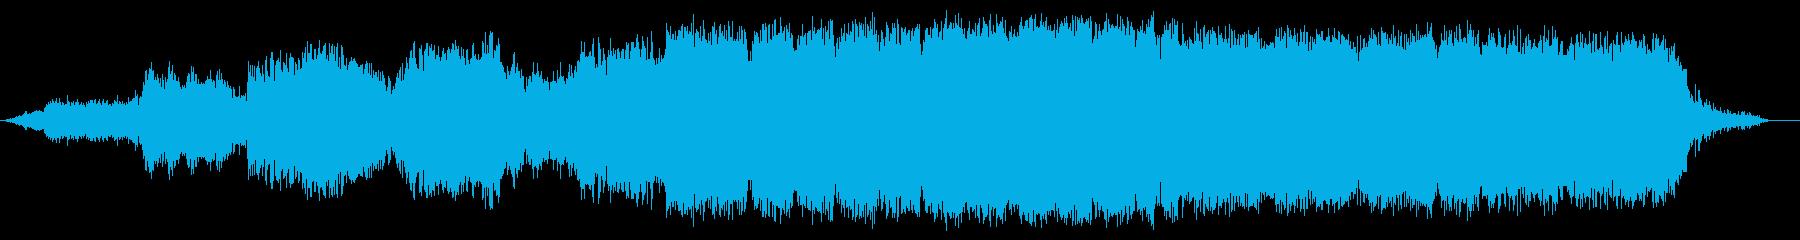 巨大な氷河をイメージしたニューエイジ音楽の再生済みの波形